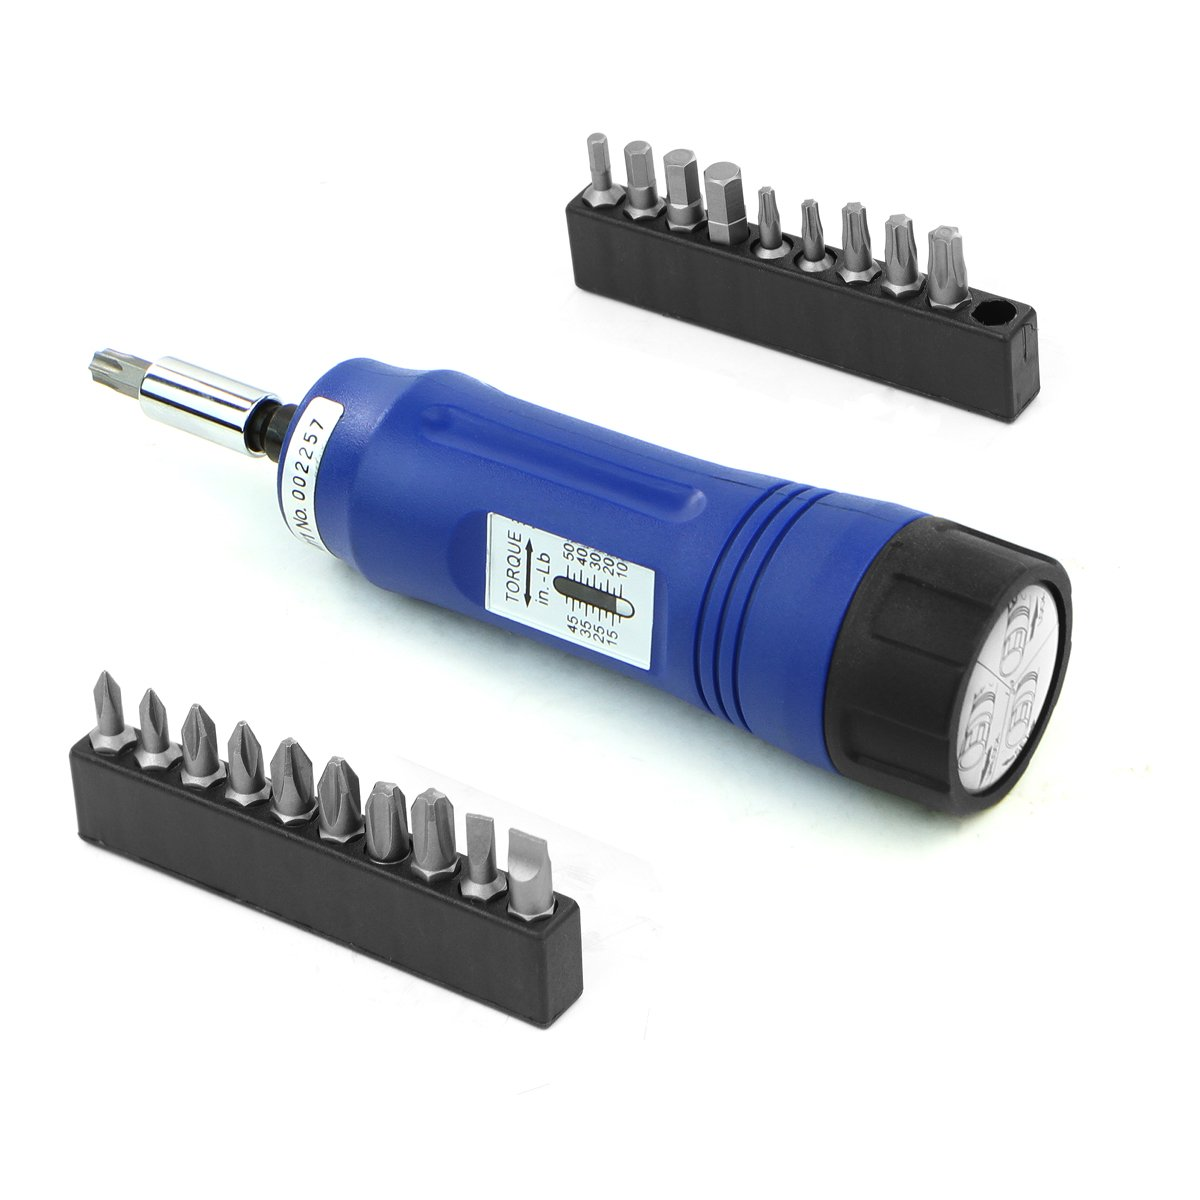 調節可能なガントルクスクリュードライバー ドライブソケットの長さ1/4インチ シャンク10-50インチ/ポンド 14点のビットセットとケース付き B01D0P5N4O